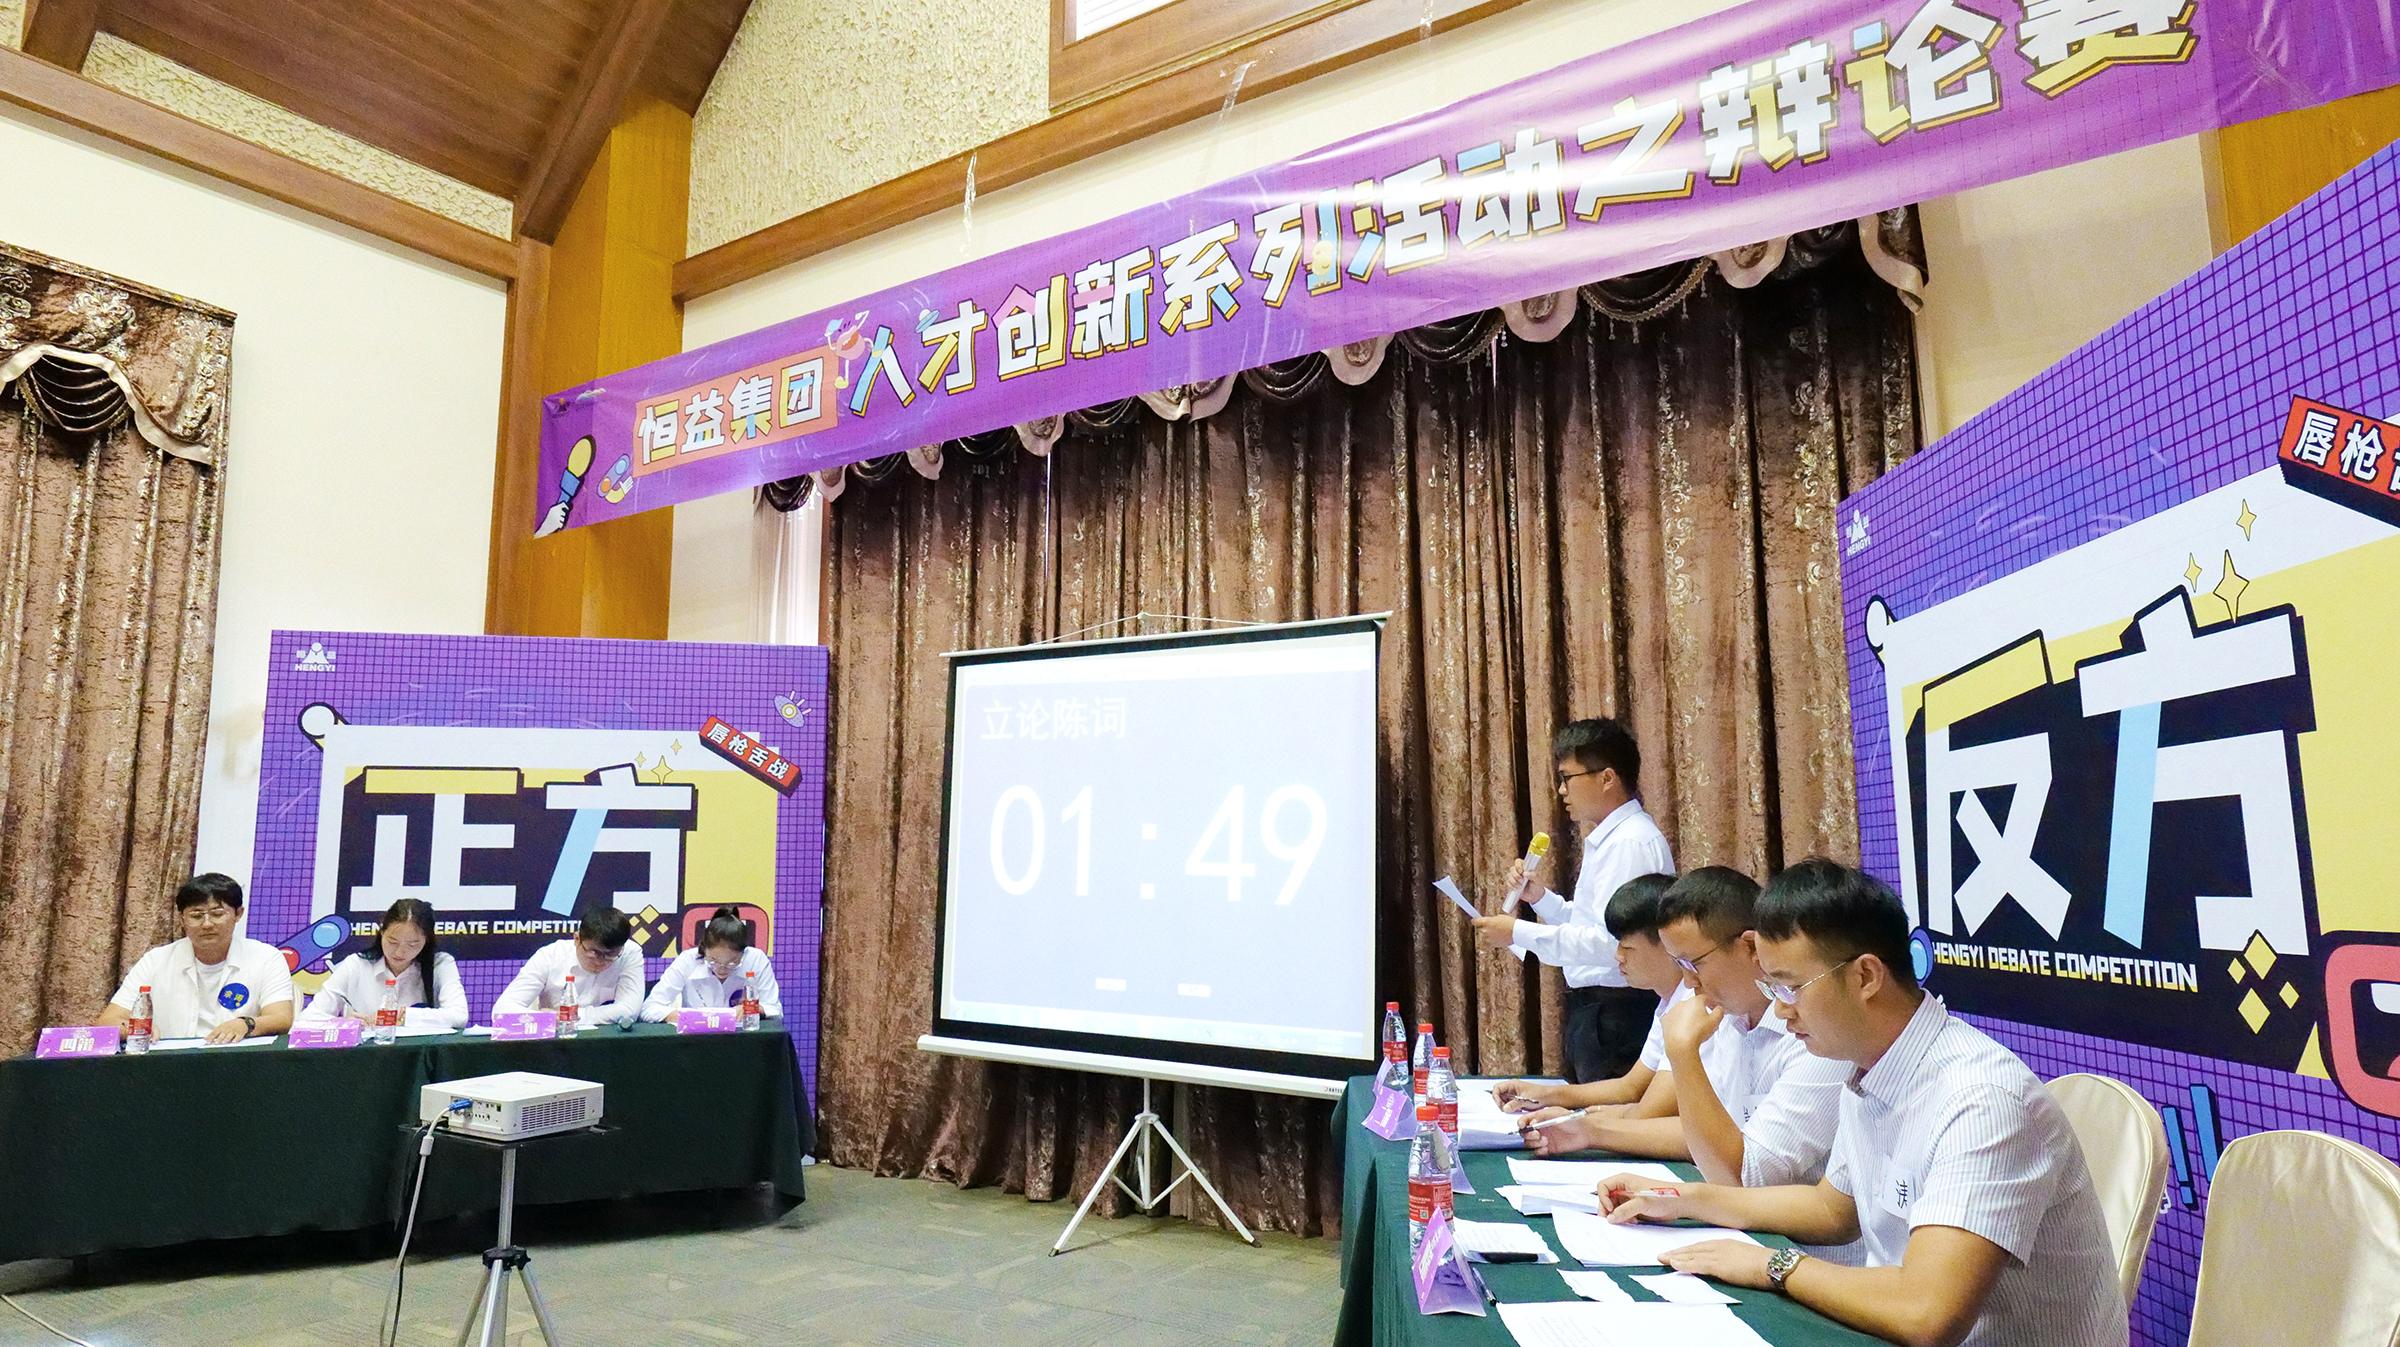 米6体育集团首期人才创新系列活动辩论赛圆满结束